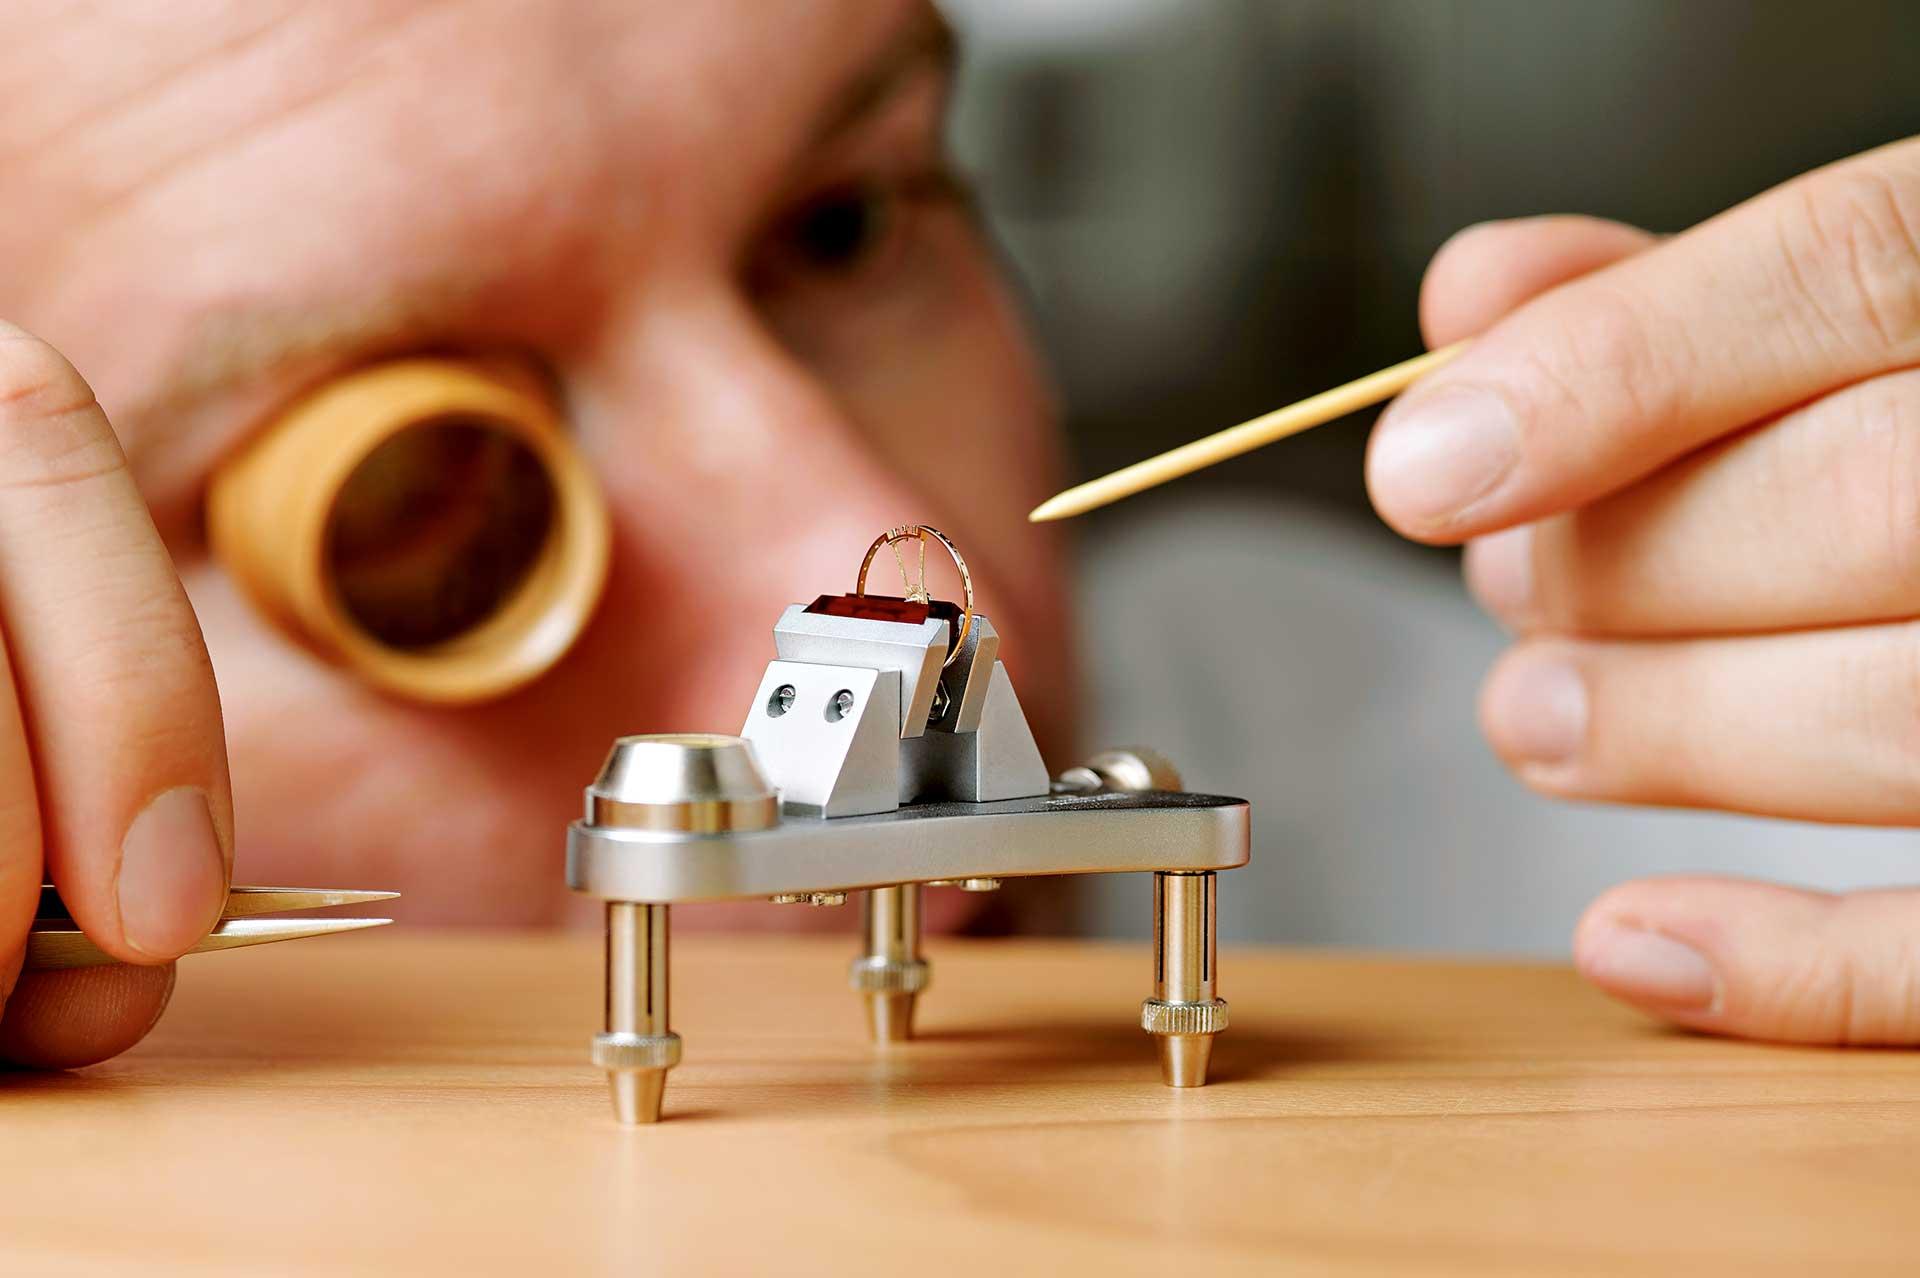 : Zum Auswuchten des Unruhreifs wird jener auf dieses Werkzeug aufgelegt. So machen sich Schwerpunktfehler bemerkbar, und Material kann abgetragen werden.